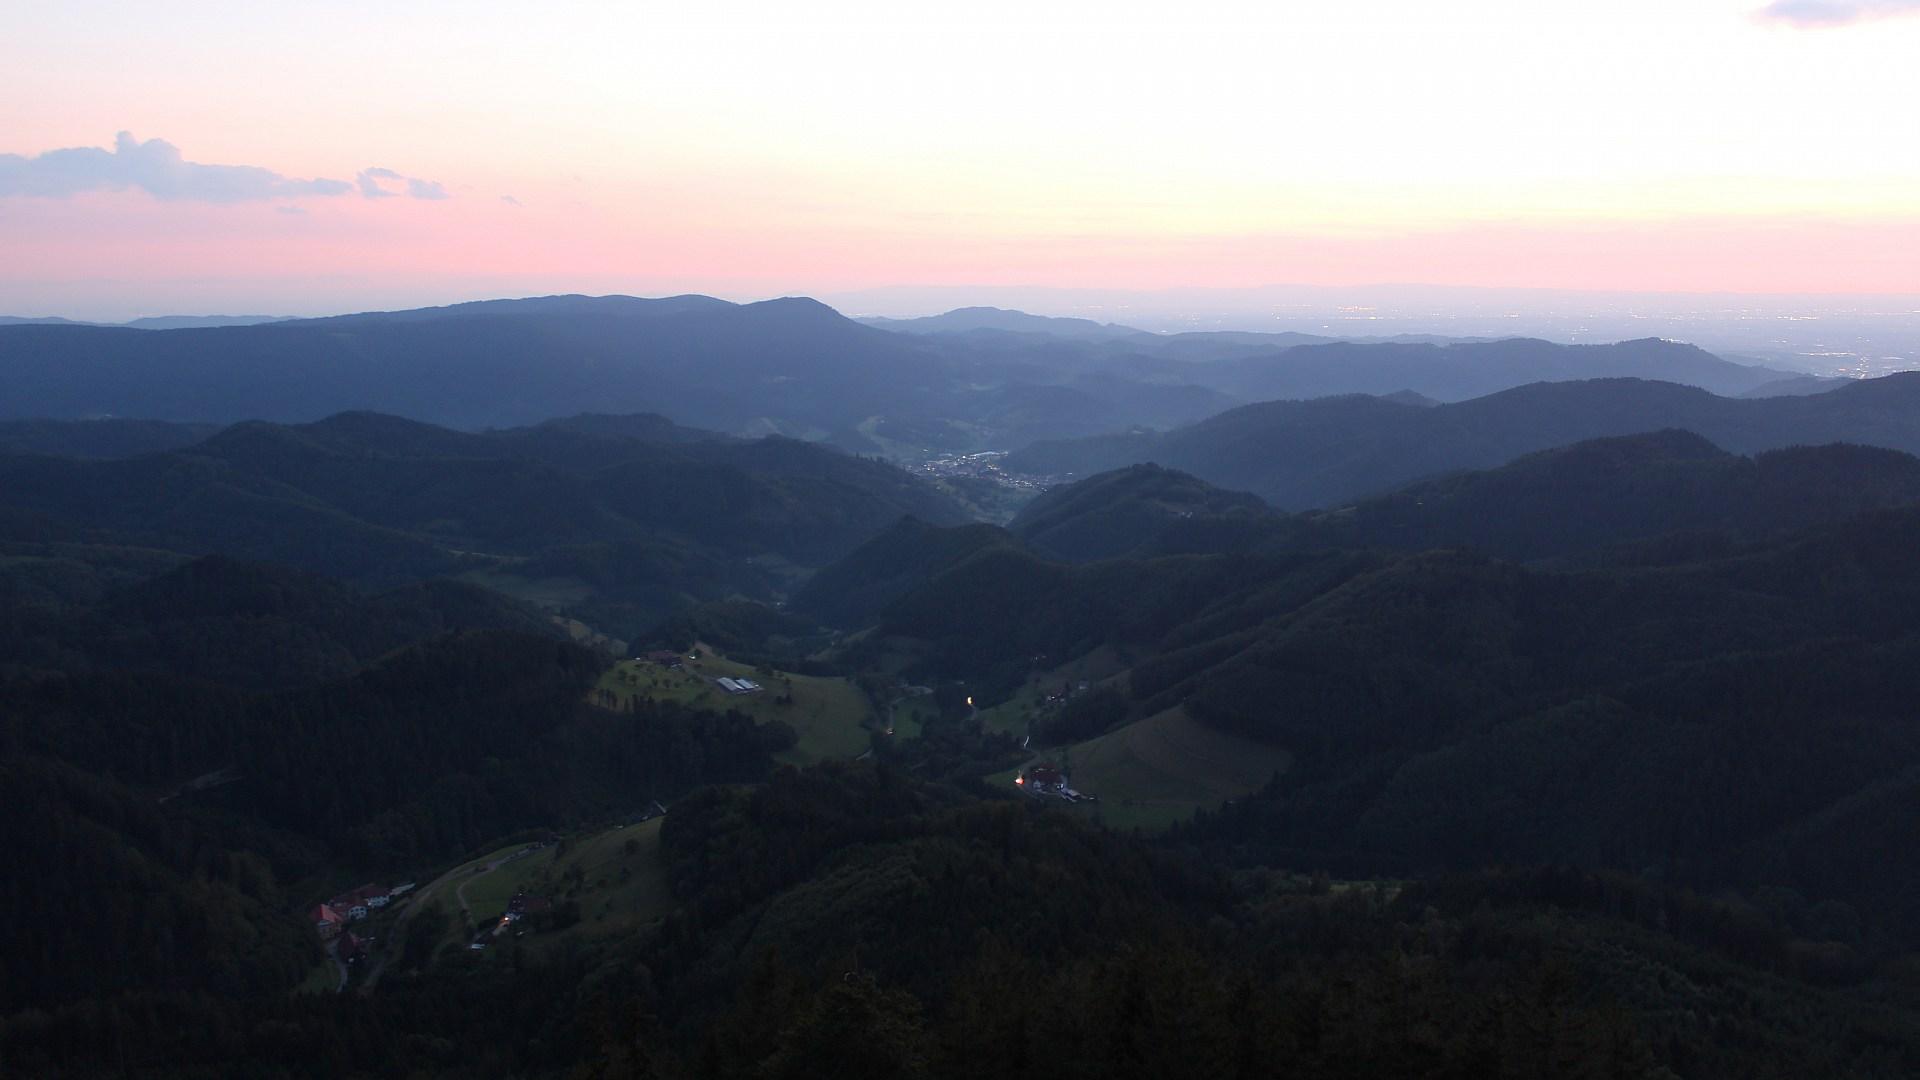 Aufnahme: Buchkopfturm vom 04.08.2020 21:30